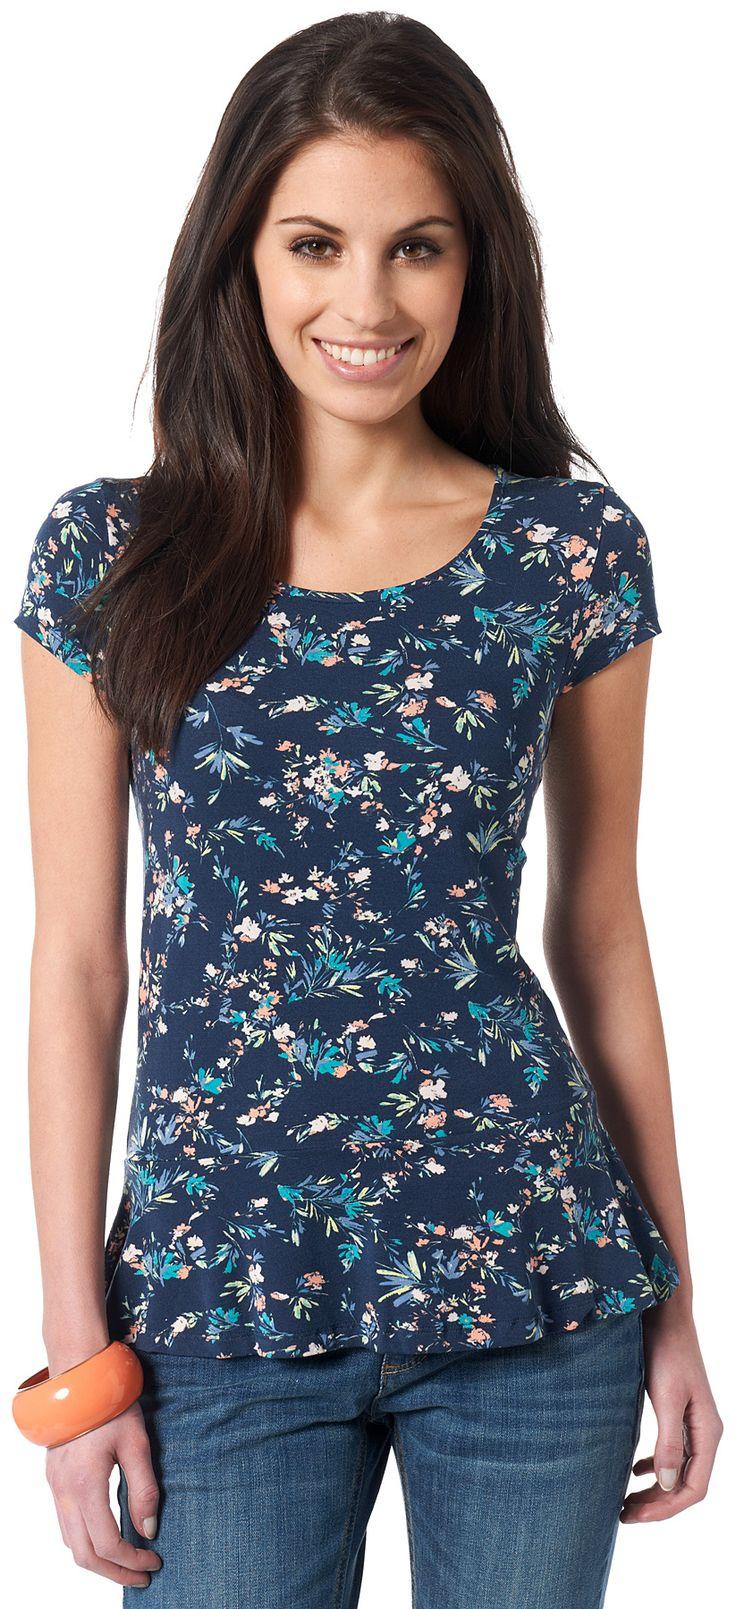 leichtes T-Shirt mit Schößchen für Frauen (mehrfarbig gestaltet)  - TOM TAILOR